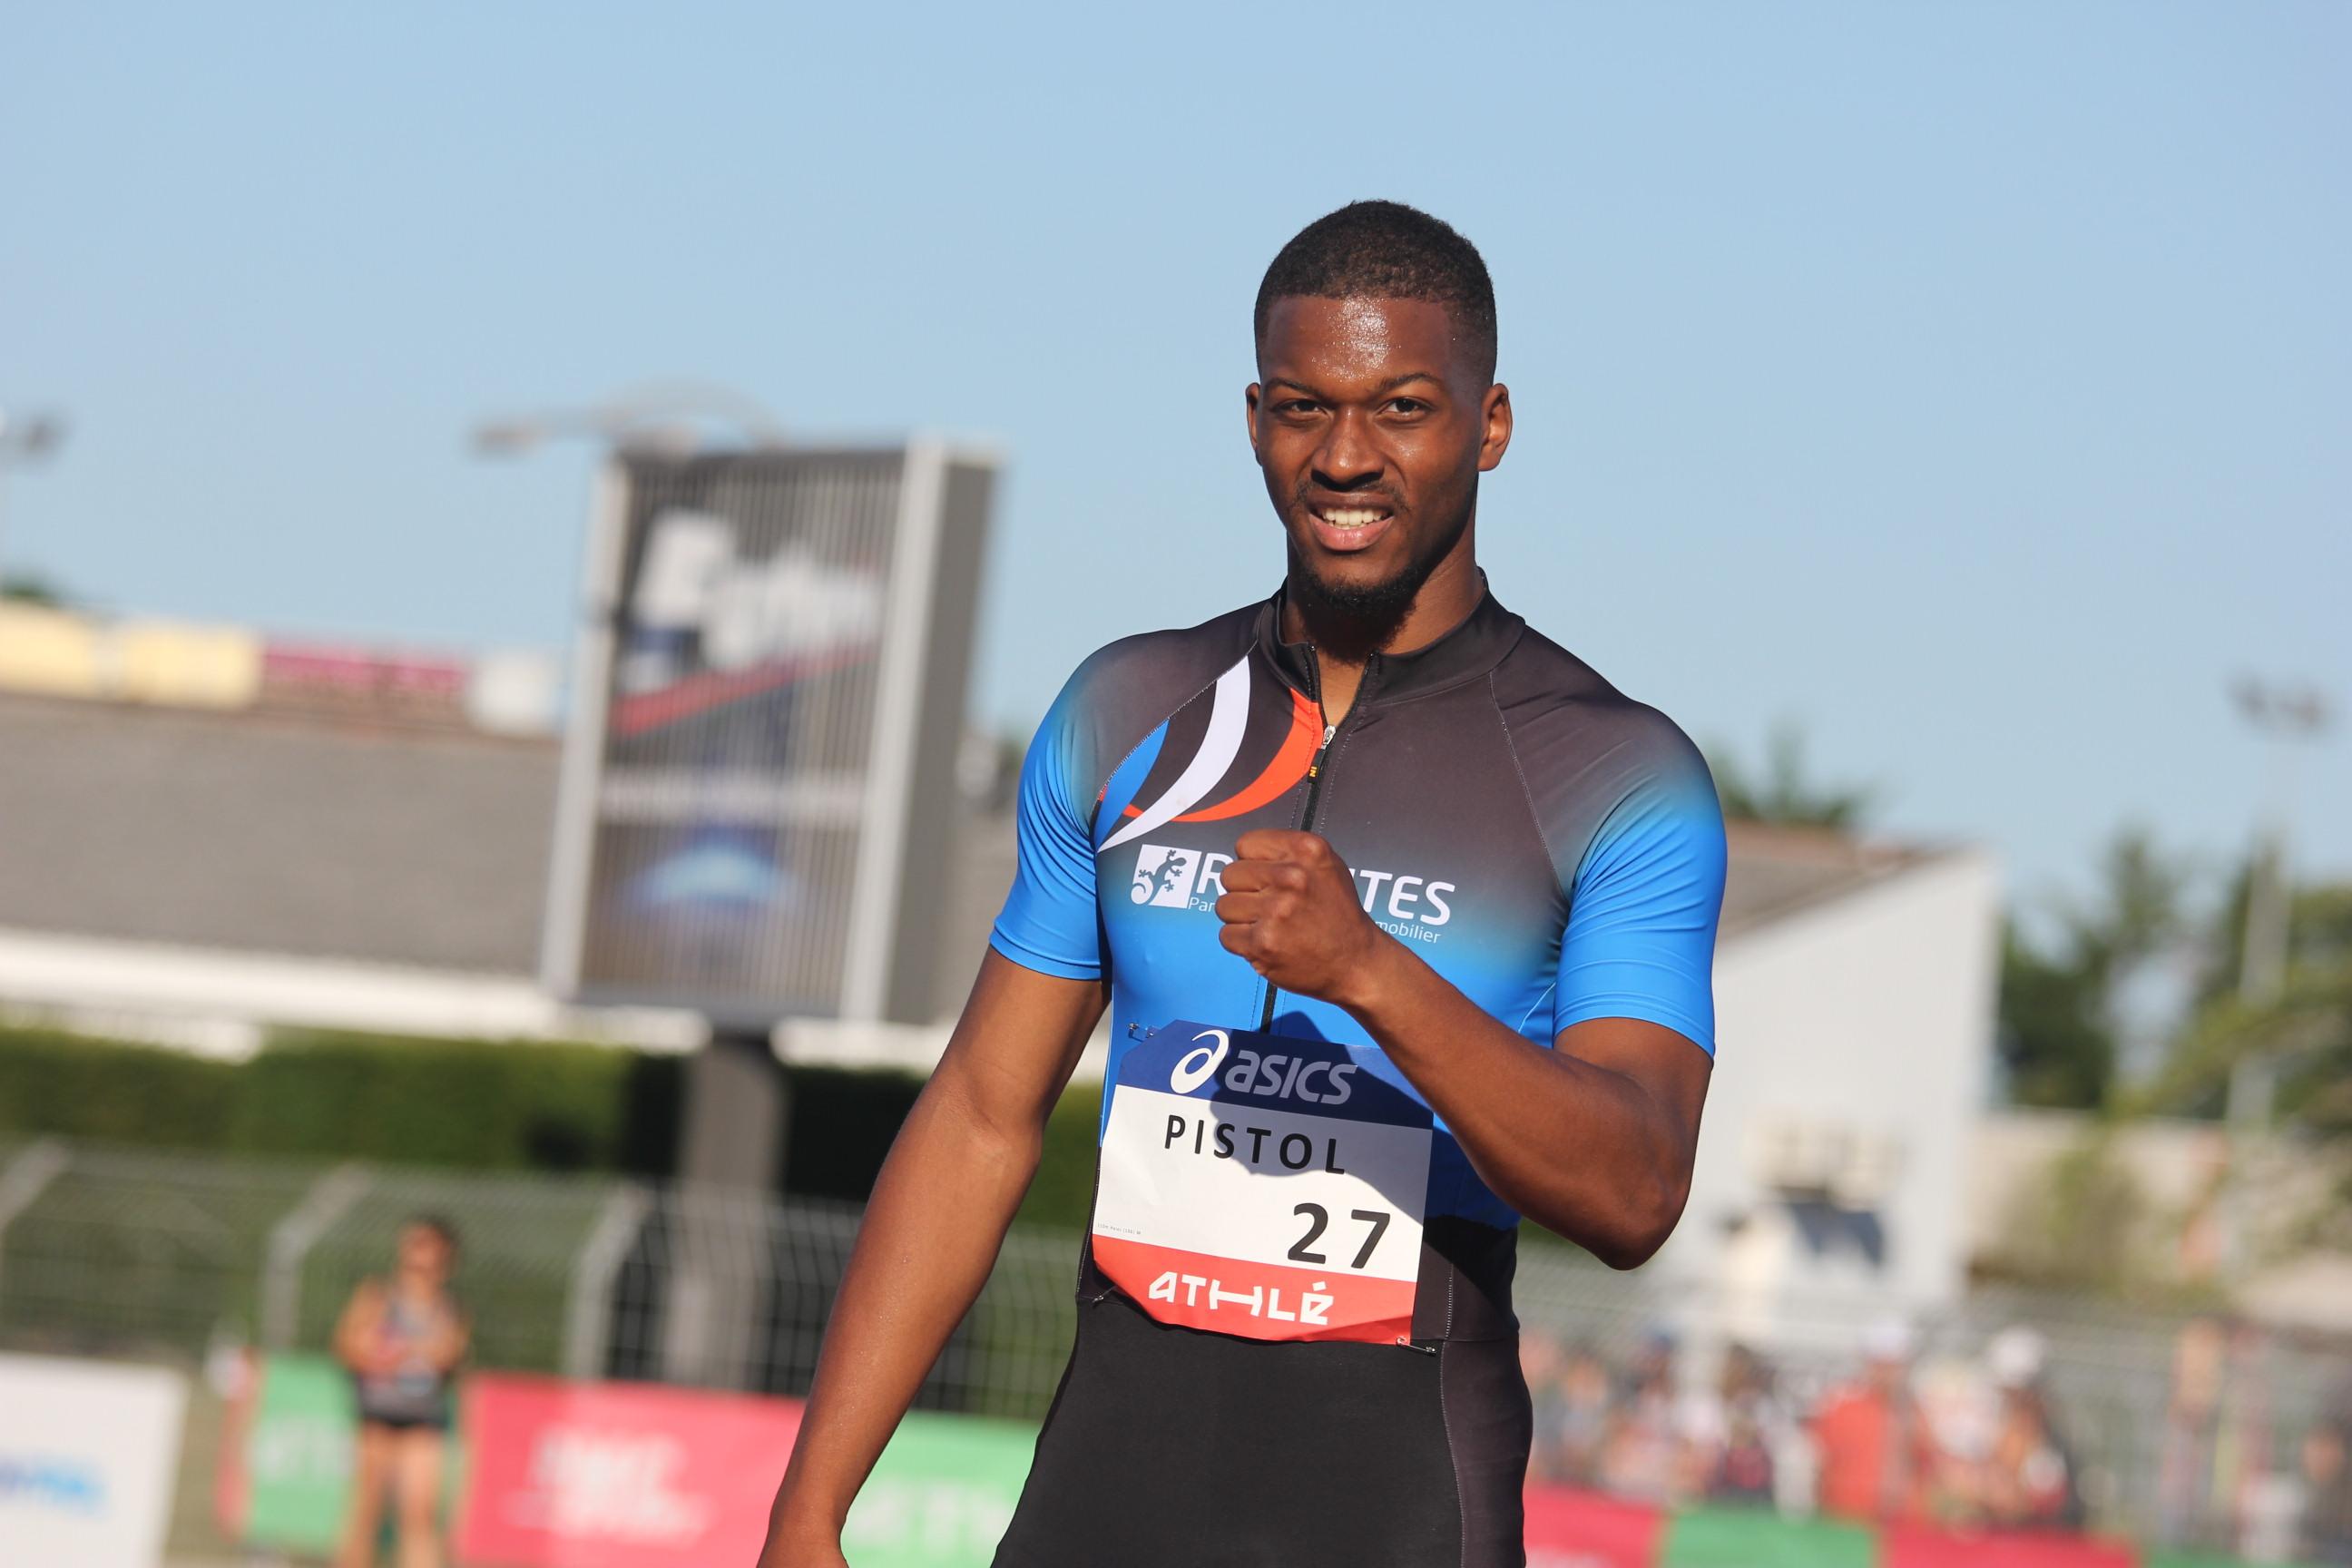 Championnats de France espoirs et Coupe de France minimes : Des médailles qui valent de l'or